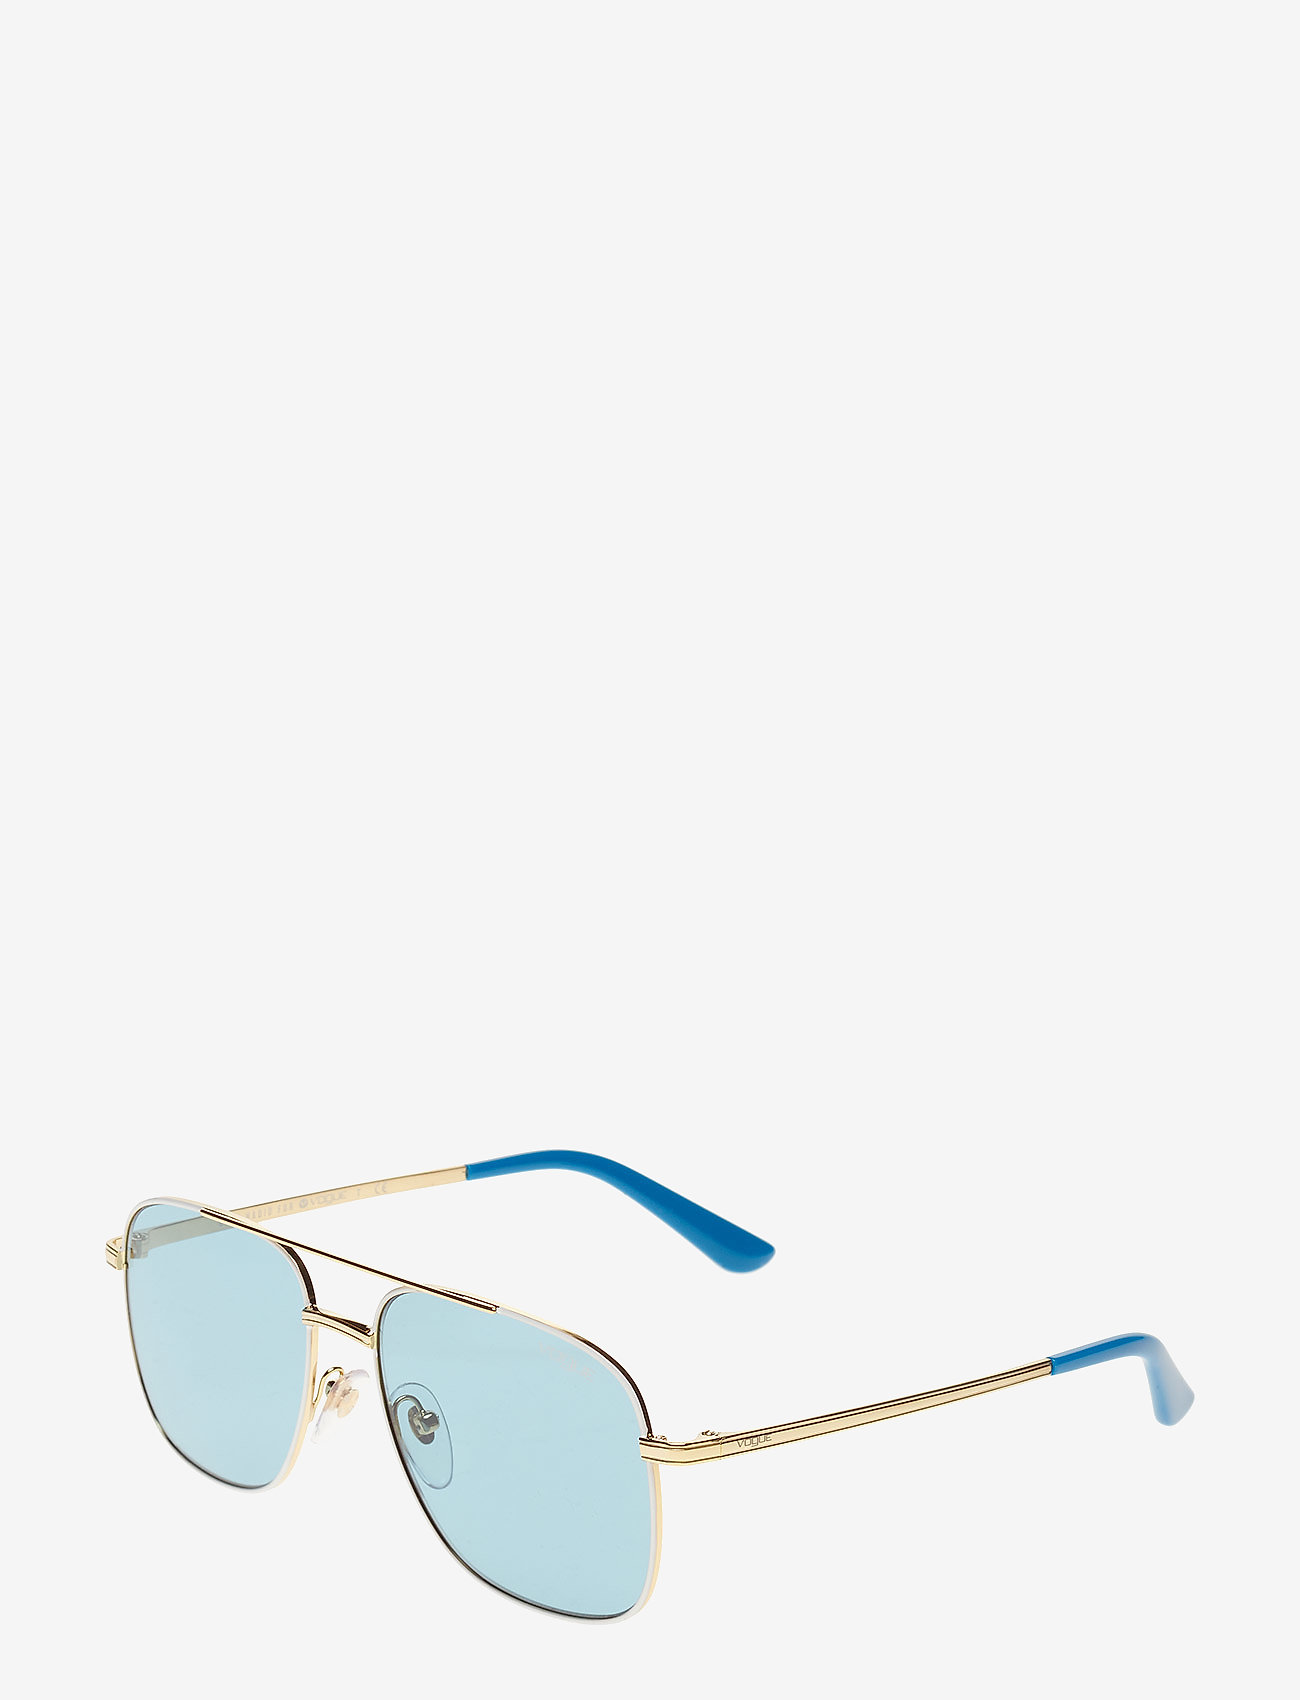 Vogue Eyewear - WOMEN'S SUNGLASSES - okulary przeciwsłoneczne aviator - pale gold/white - 1